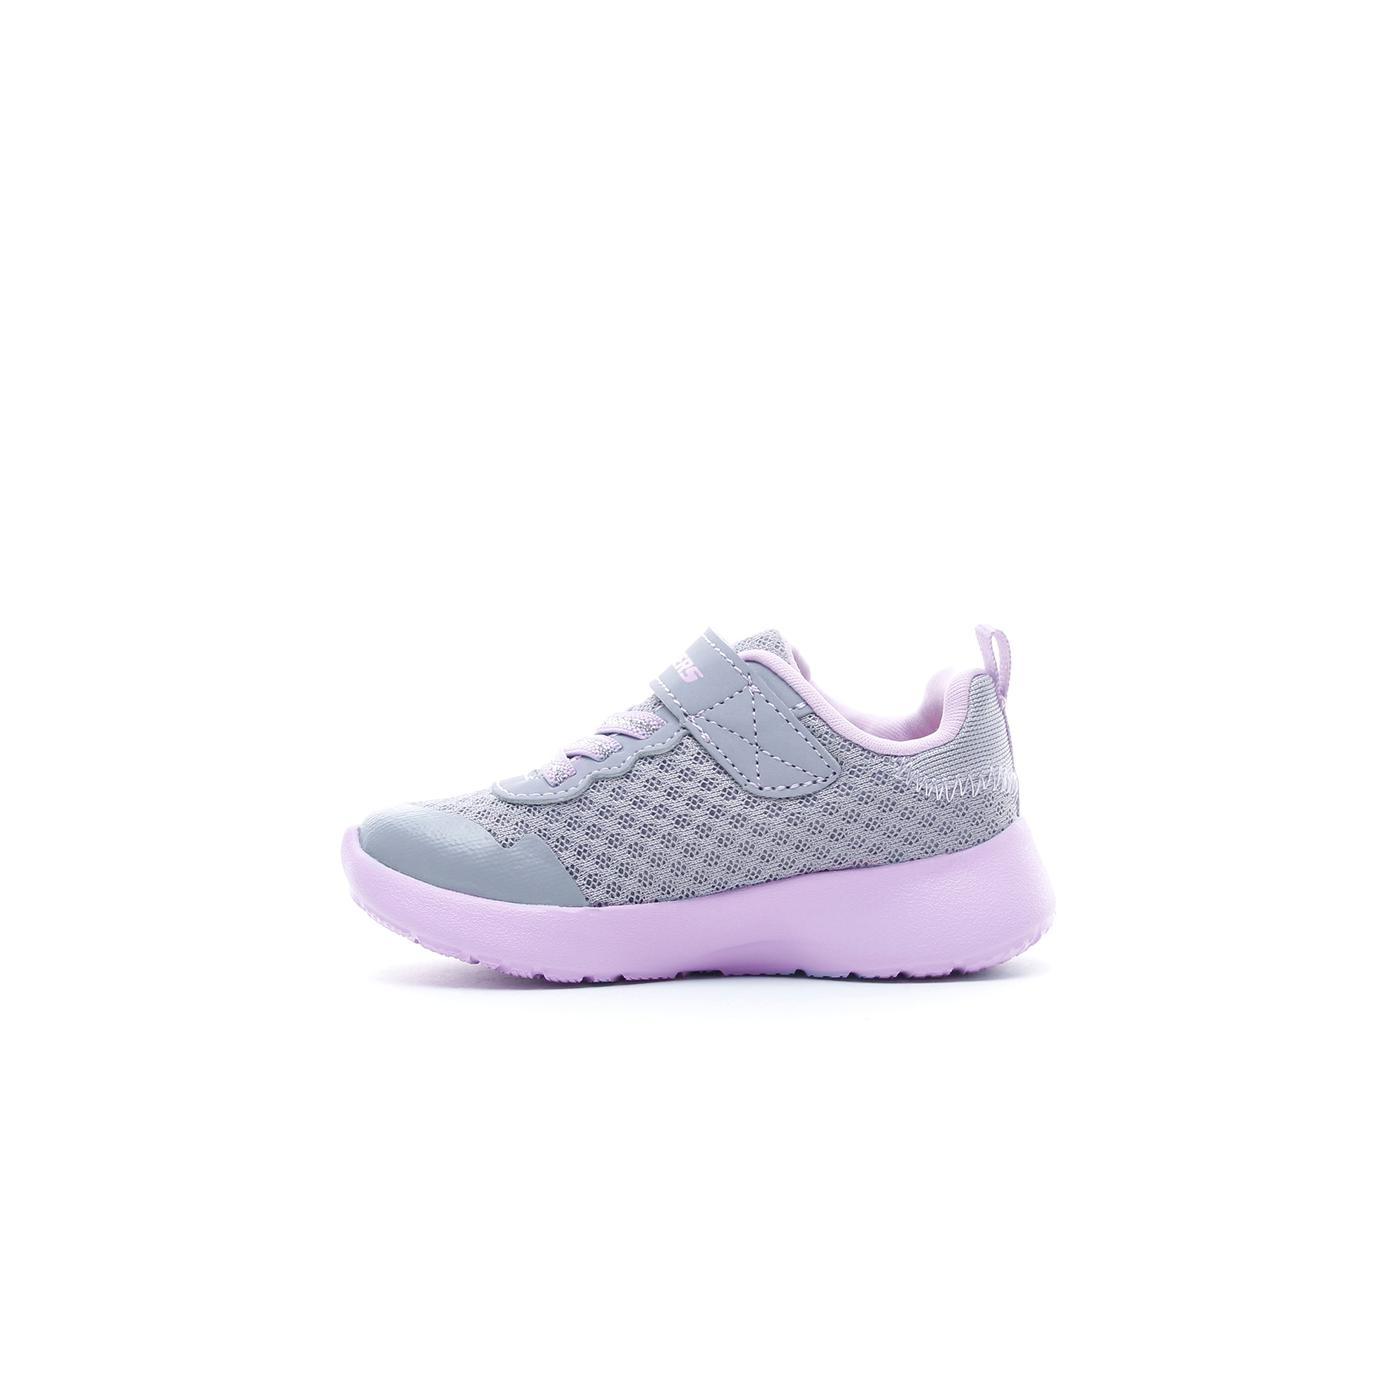 Skechers Dynamight Gri Bebek Spor Ayakkabı